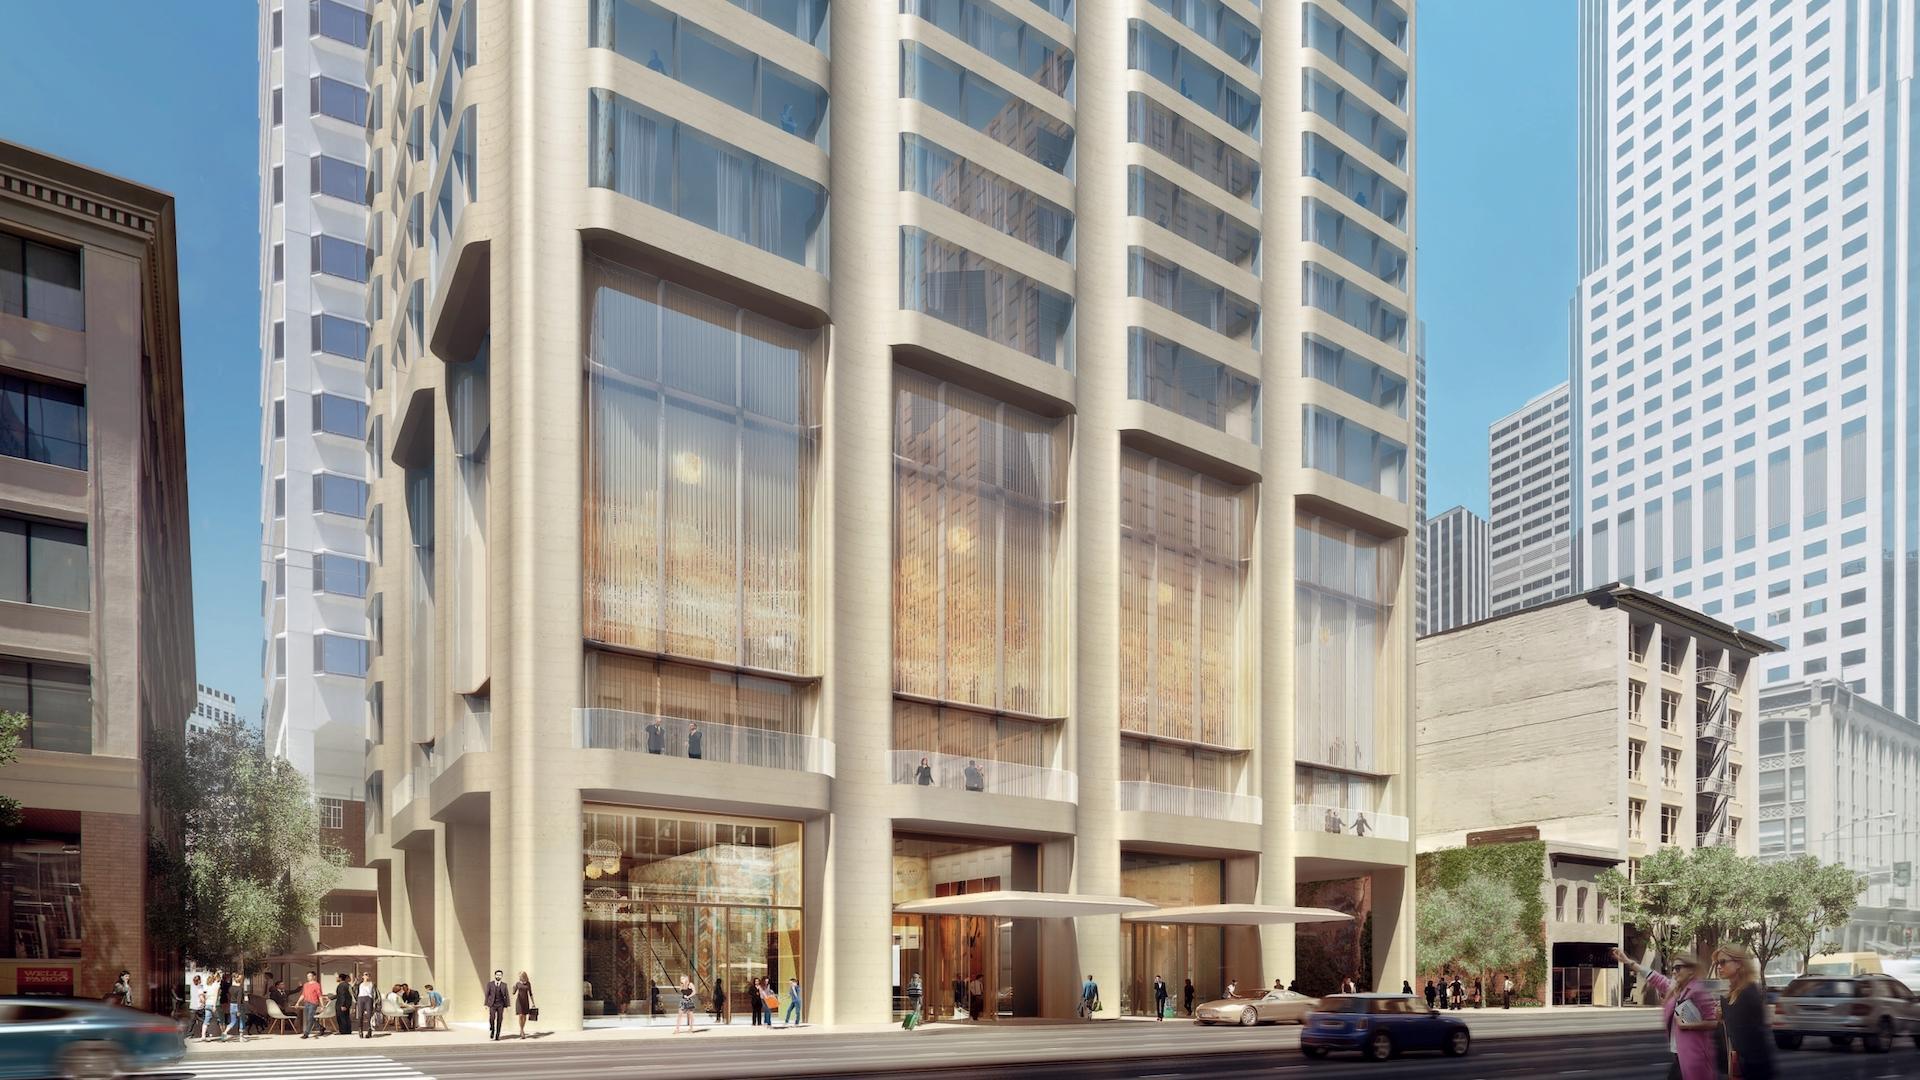 Waldorf Astoria abre nuevo hotel en San Francisco en una torre diseñada por Foster + Partners